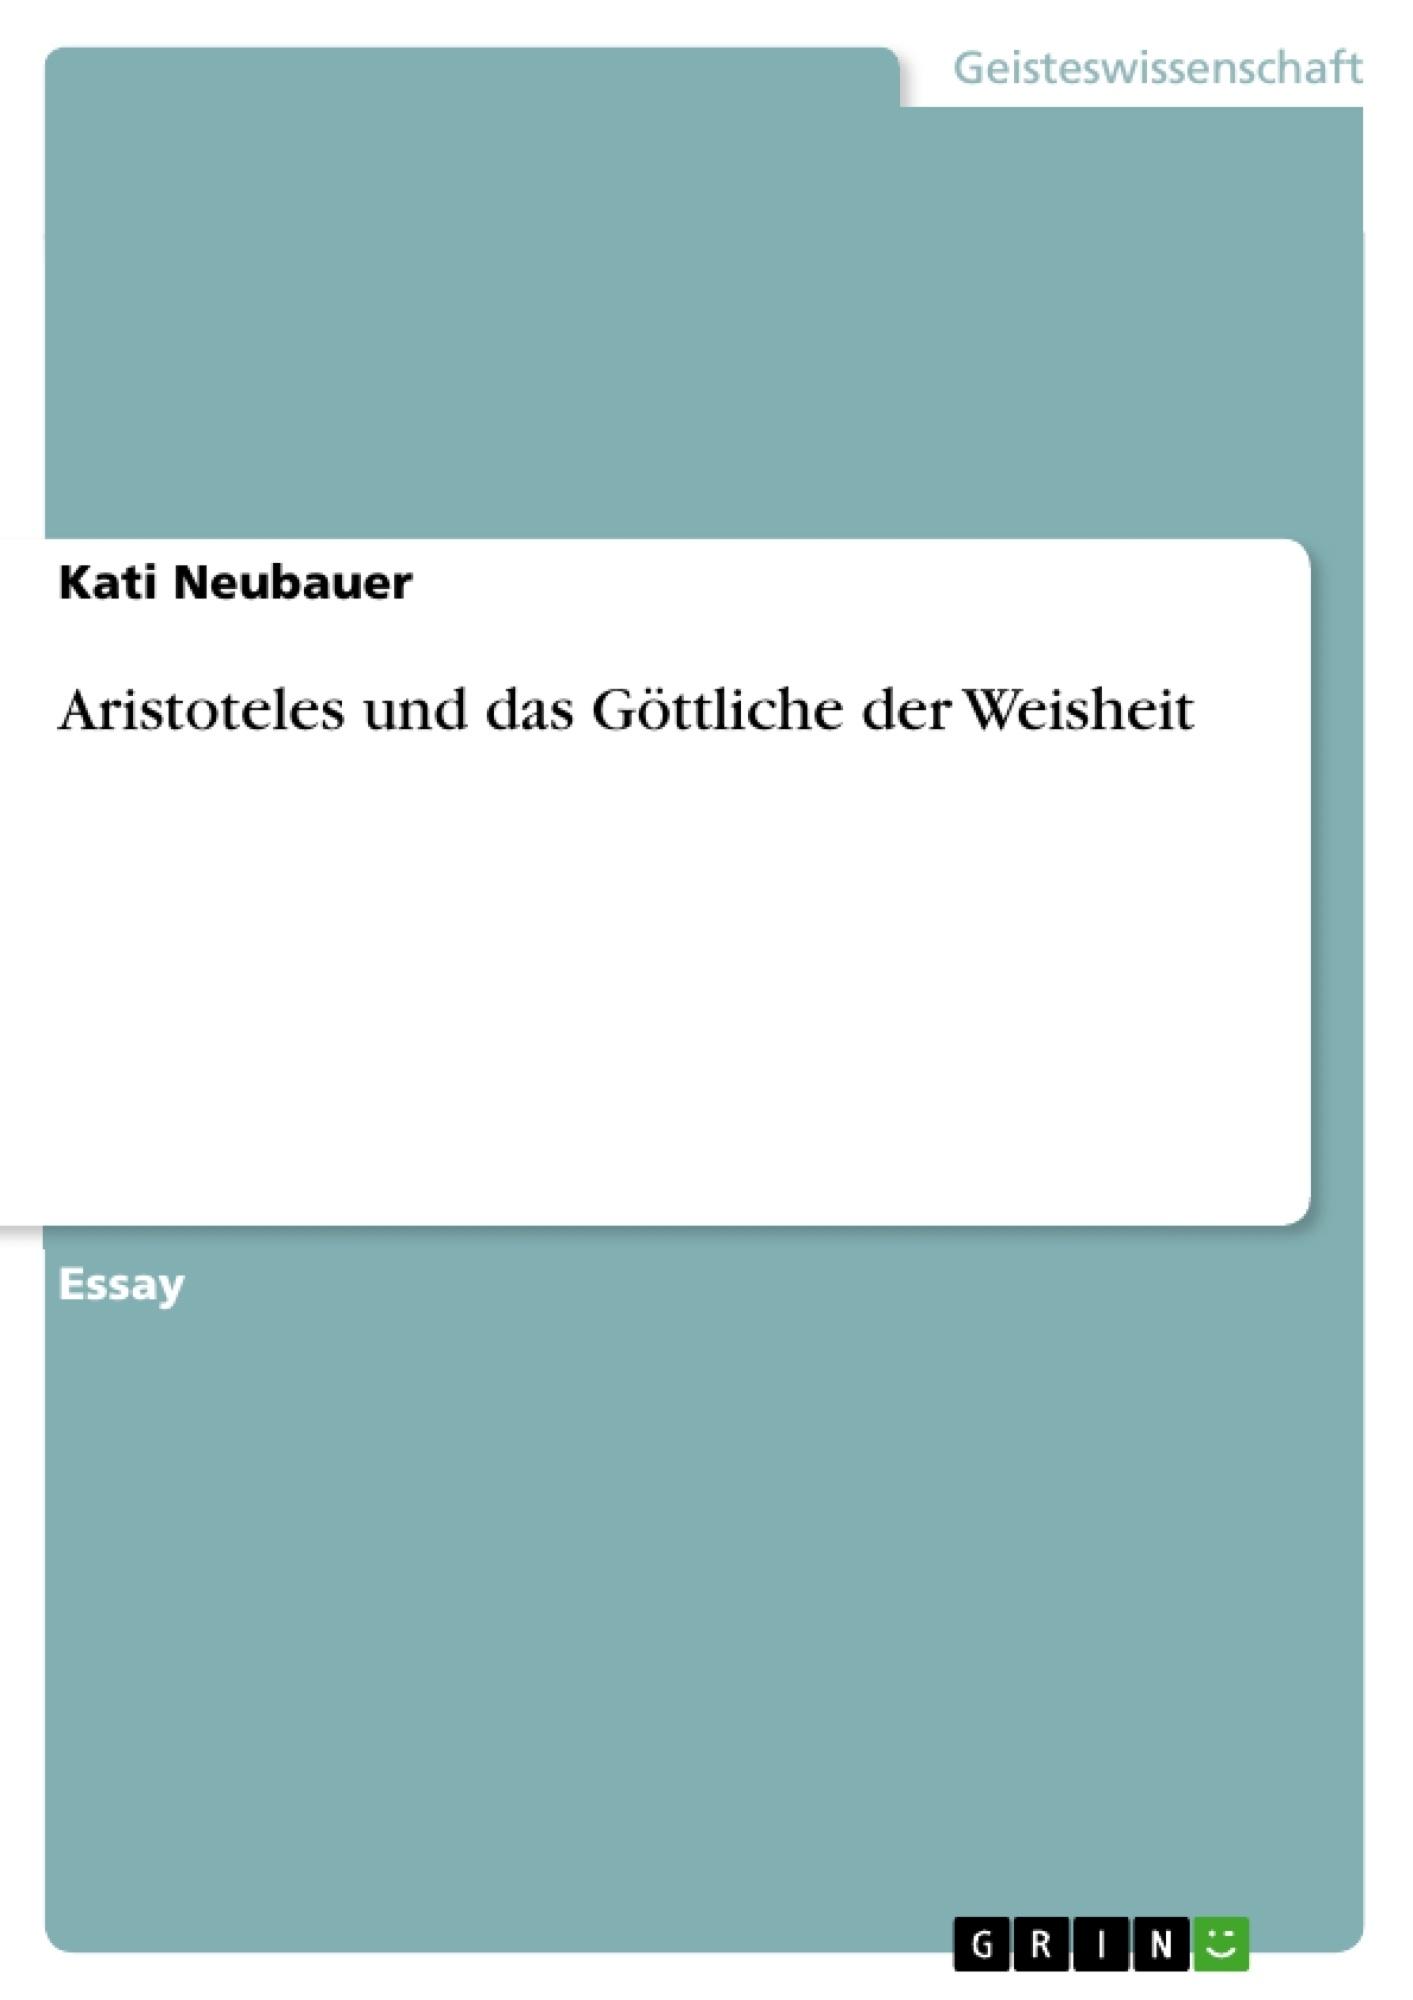 Titel: Aristoteles und das Göttliche der Weisheit